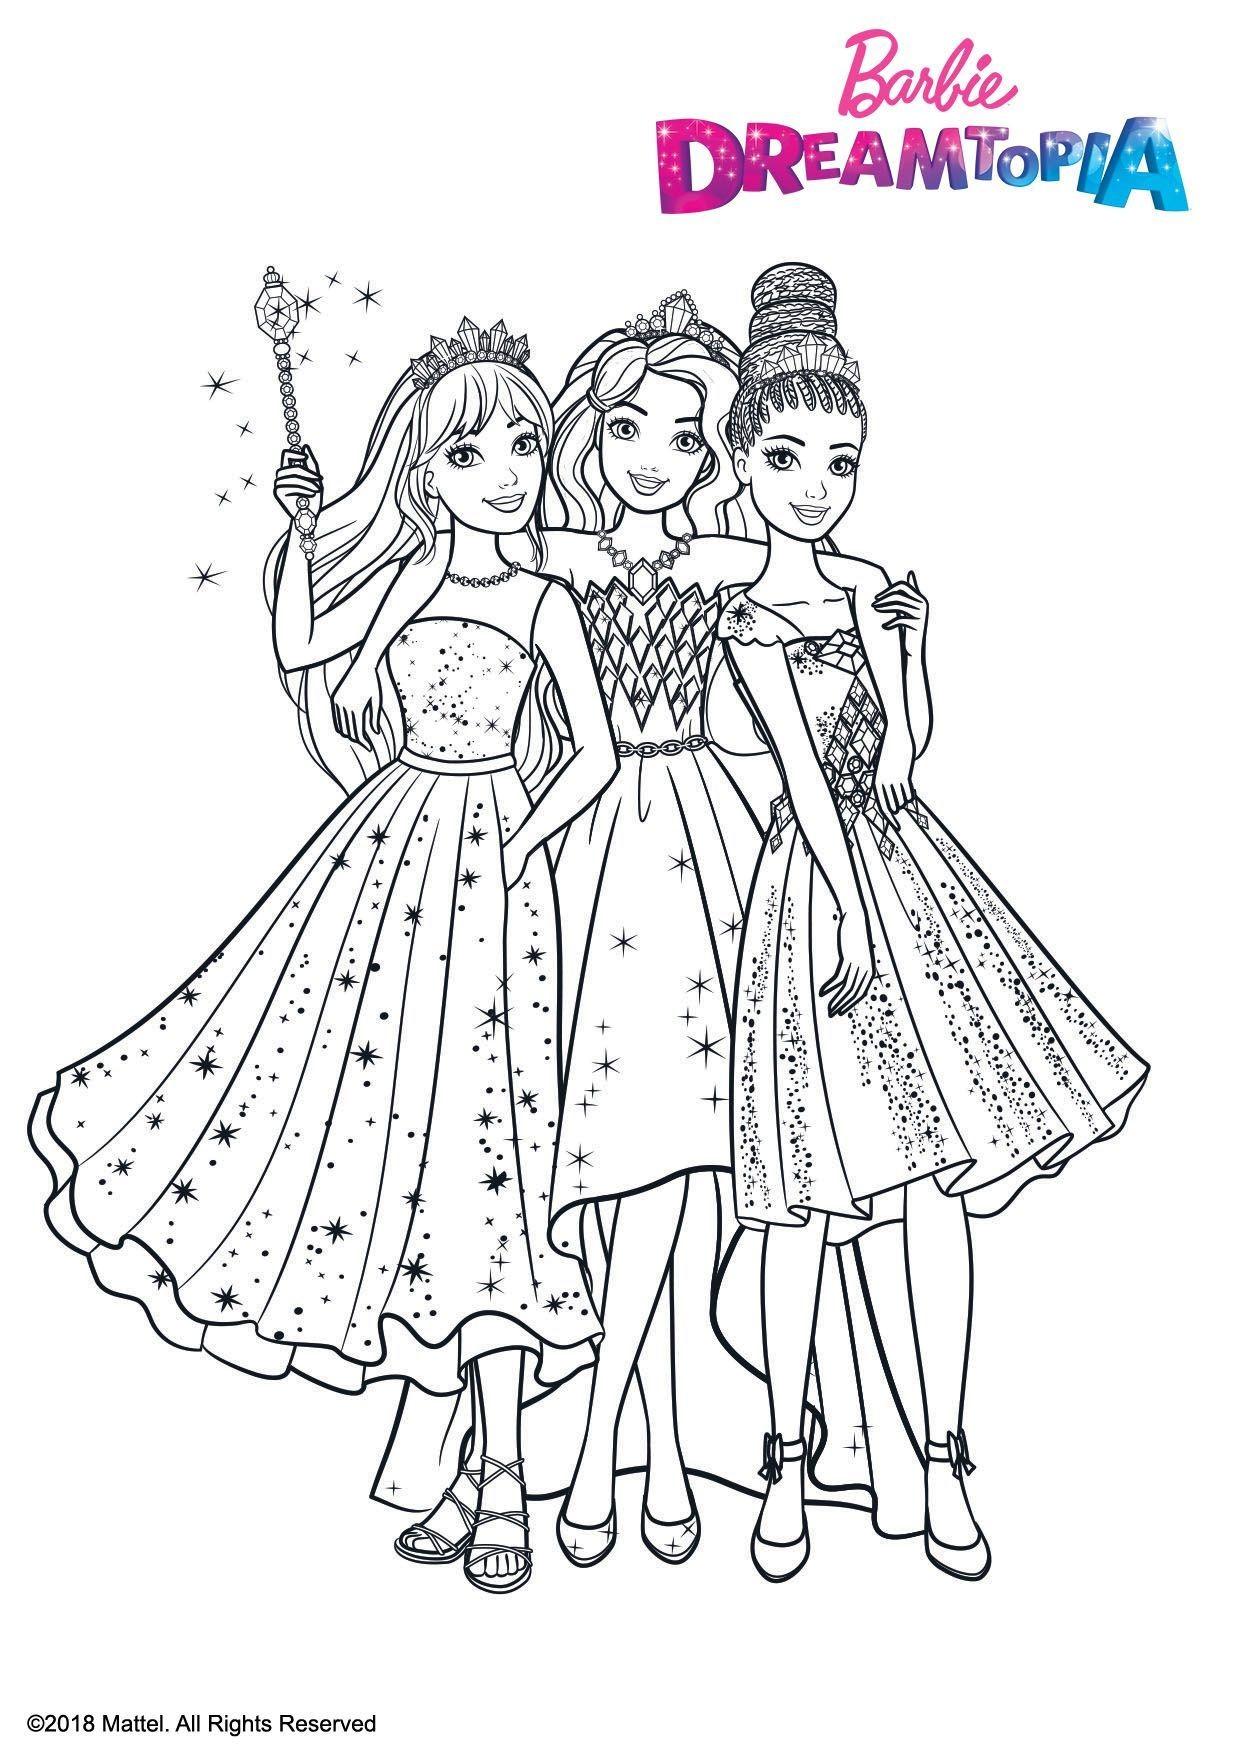 Coloriage Princesse Au Royaume Des Paillettes Coloriage Barbie Dreamtopia Coloriages Dessins Animes